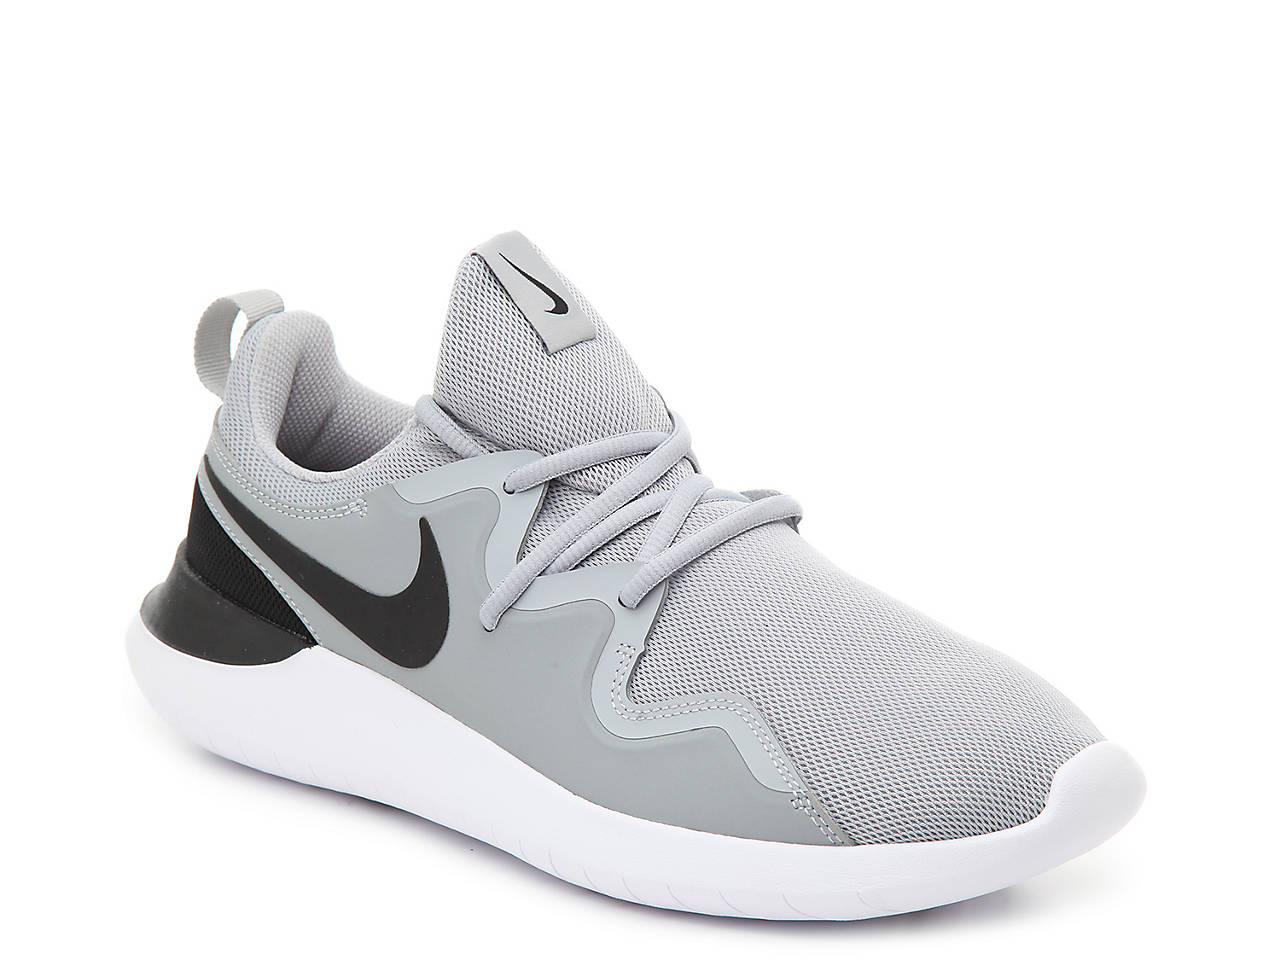 Tessen Sneaker - Men's